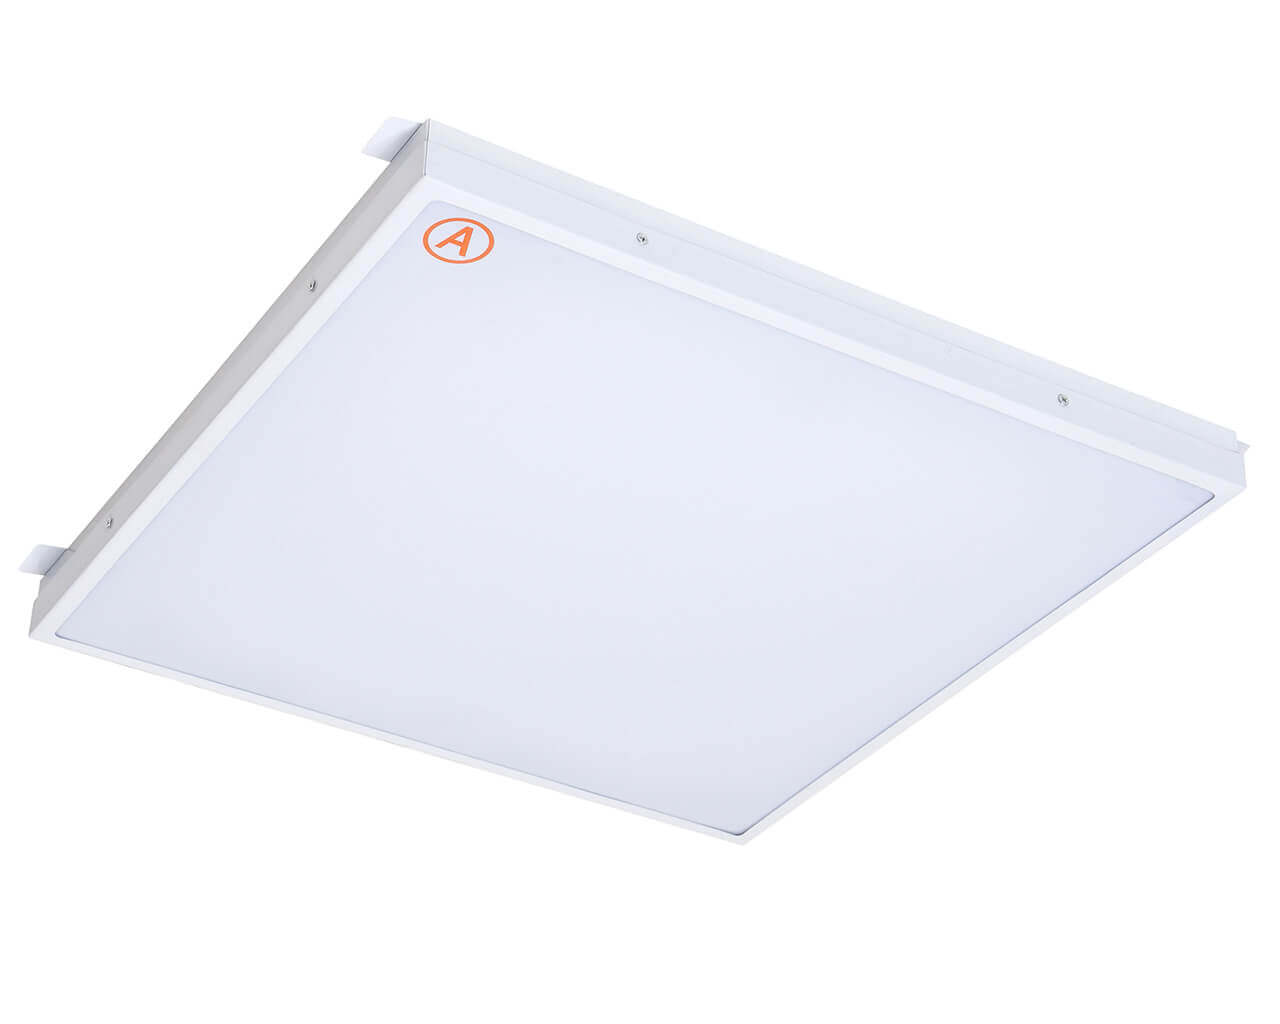 Встраиваемый светильник LC-GIP-80-OP 580x580 Теплый белый Опал с Бап-3 часа